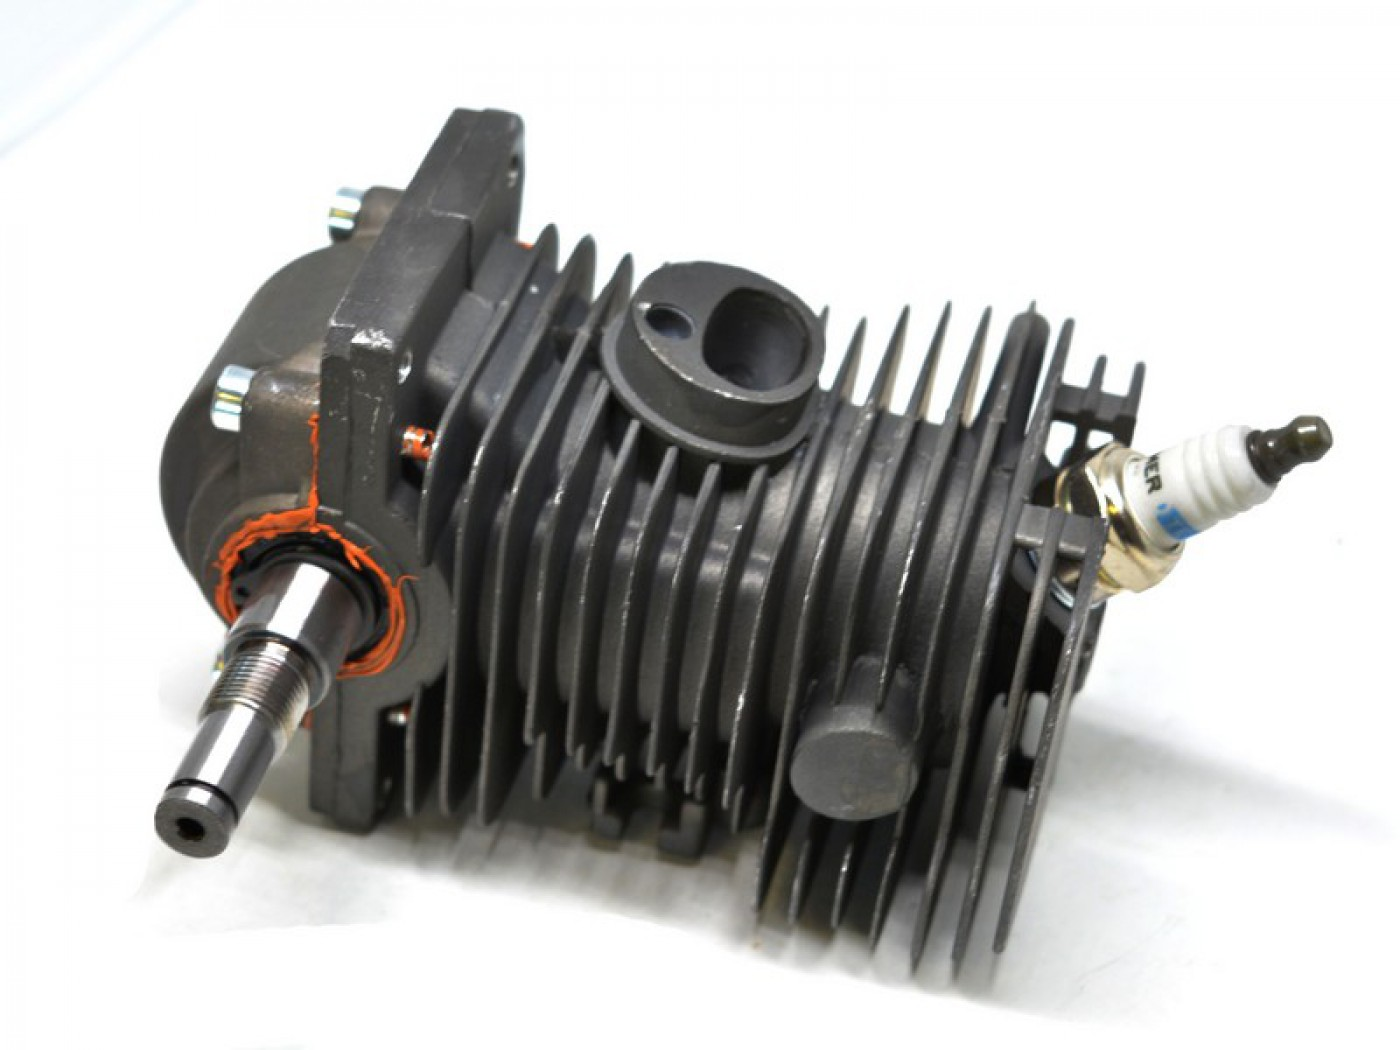 Motor Stihl MS180 018 - UŠETŘÍTE 750 KČ